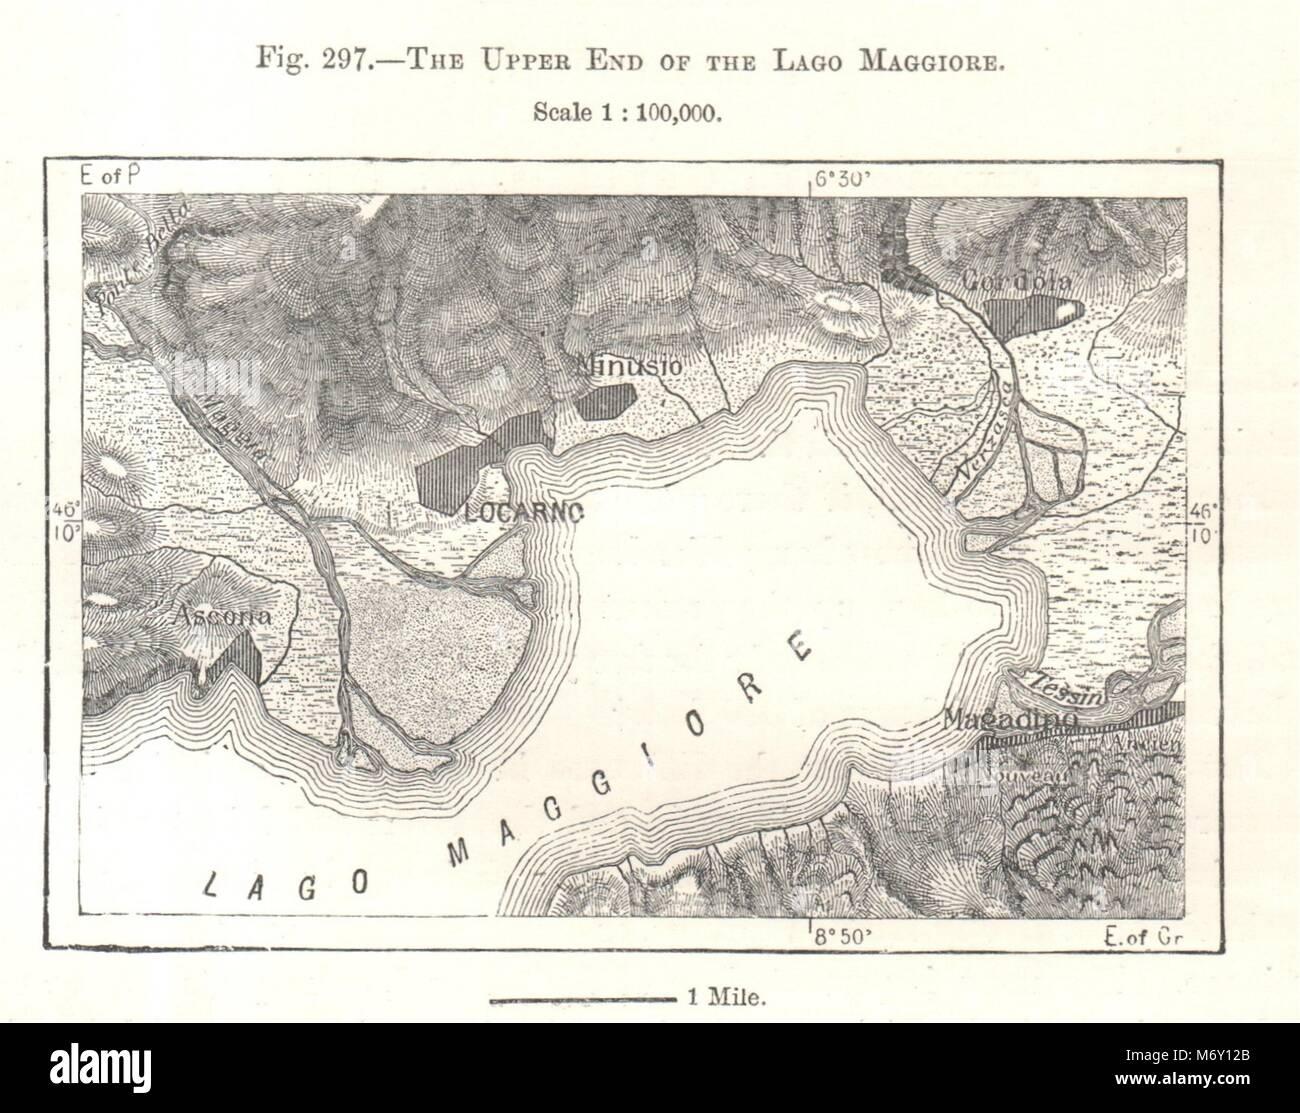 The Upper End of the Lake Maggiore. Locarno. Switzerland. Sketch map ...